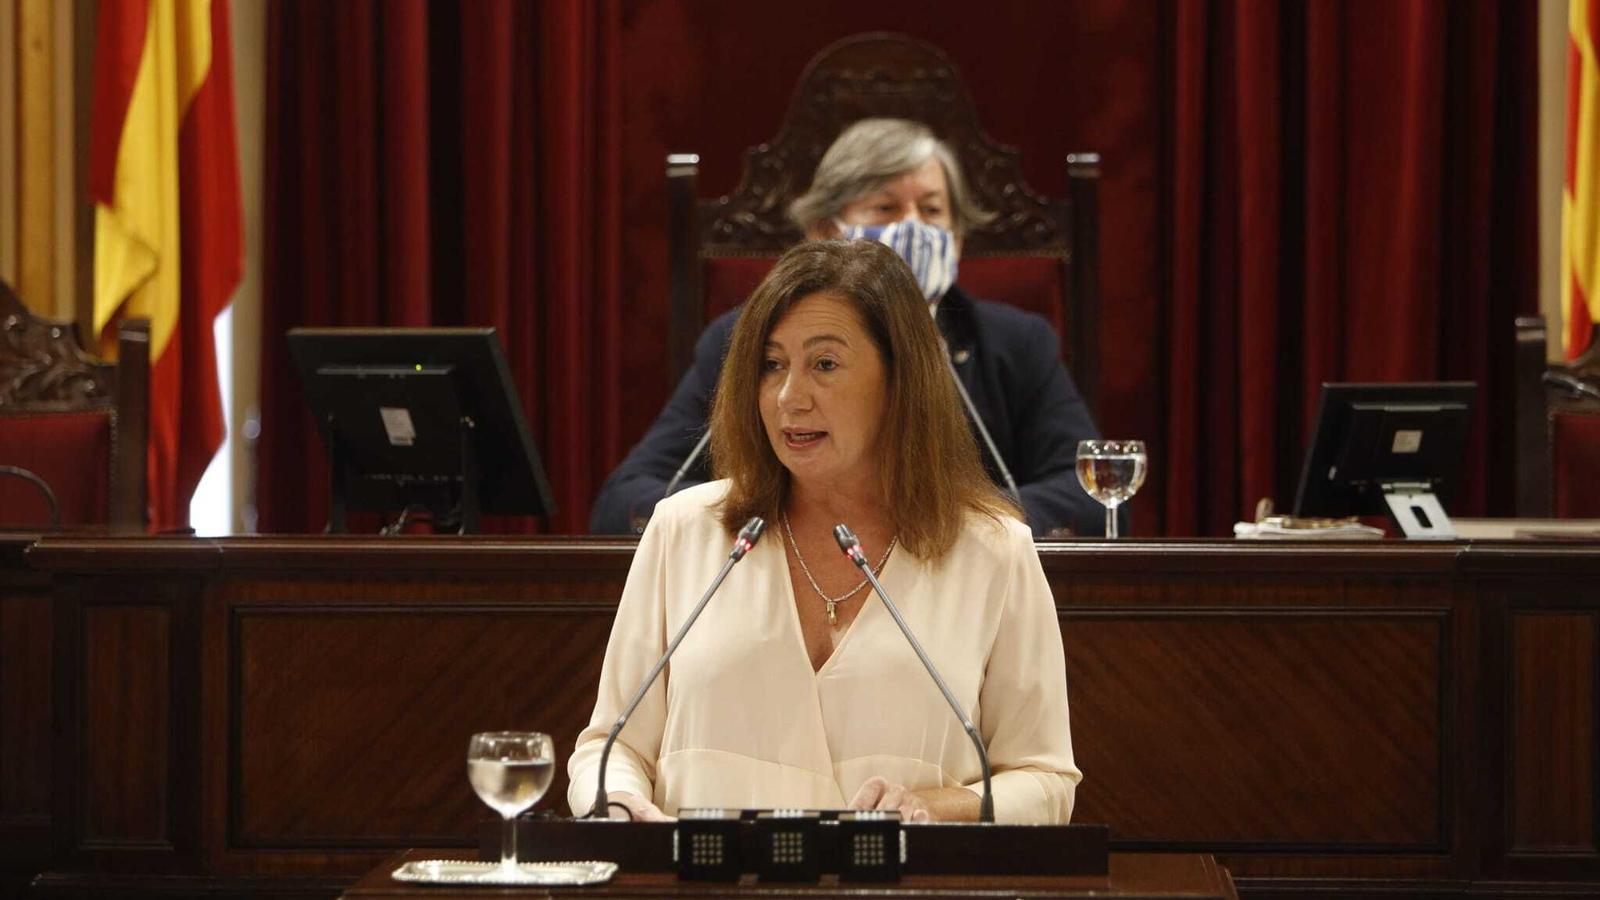 La presidenta del Govern, Francina Armengol, durant la seva intervenció en el debat de política general del Govern